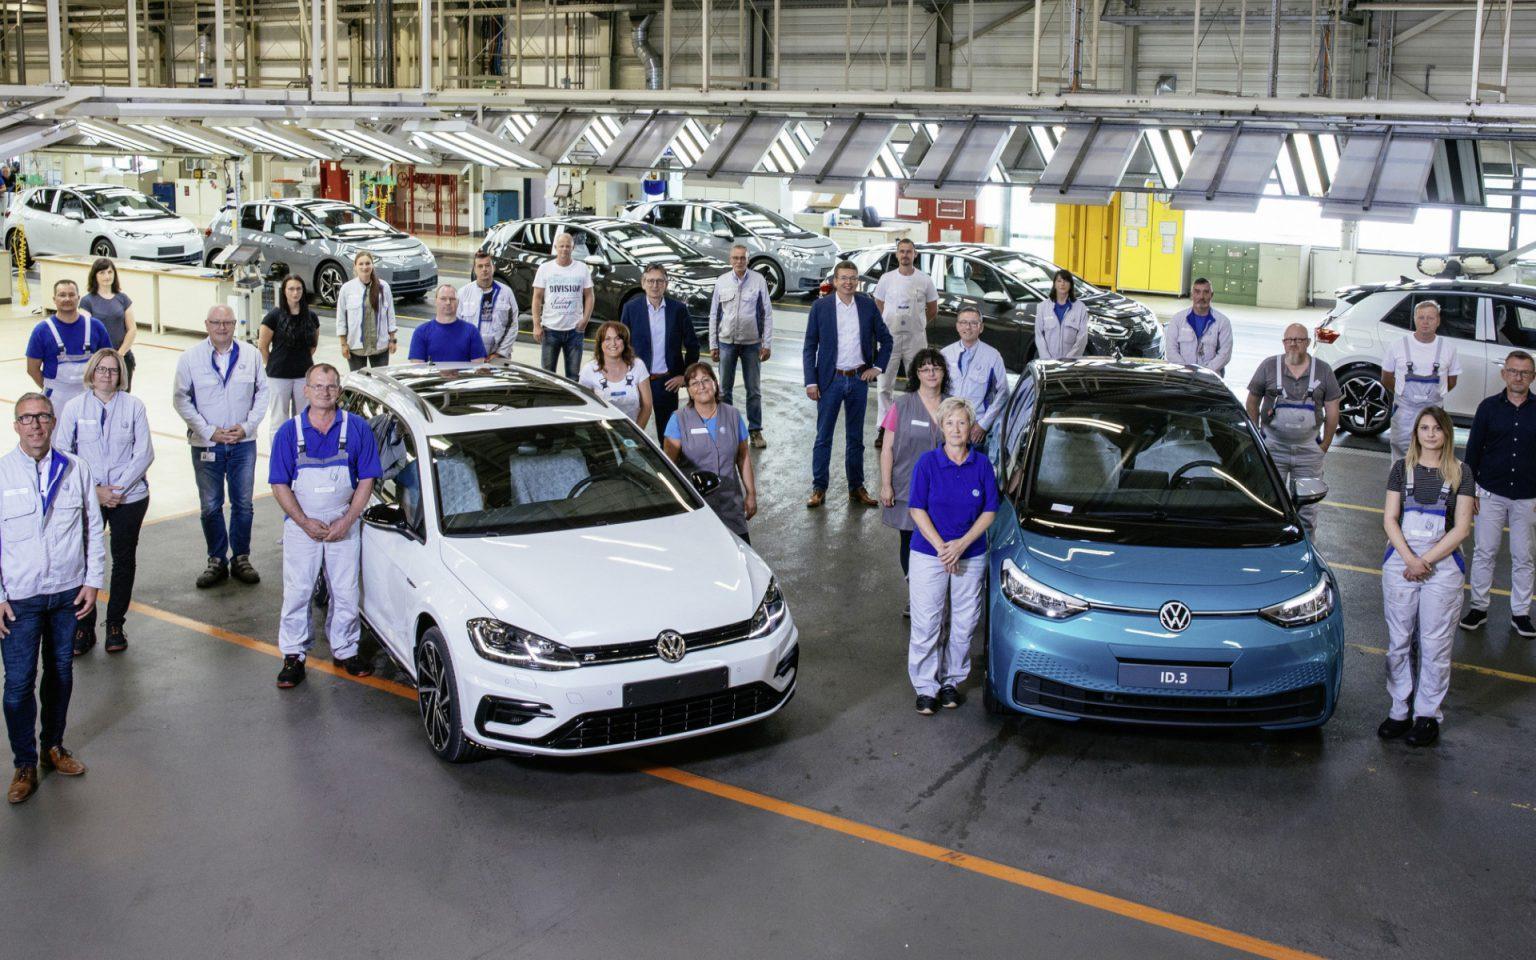 Volkswagen produceert laatste auto met verbrandingsmotor in Zwickau